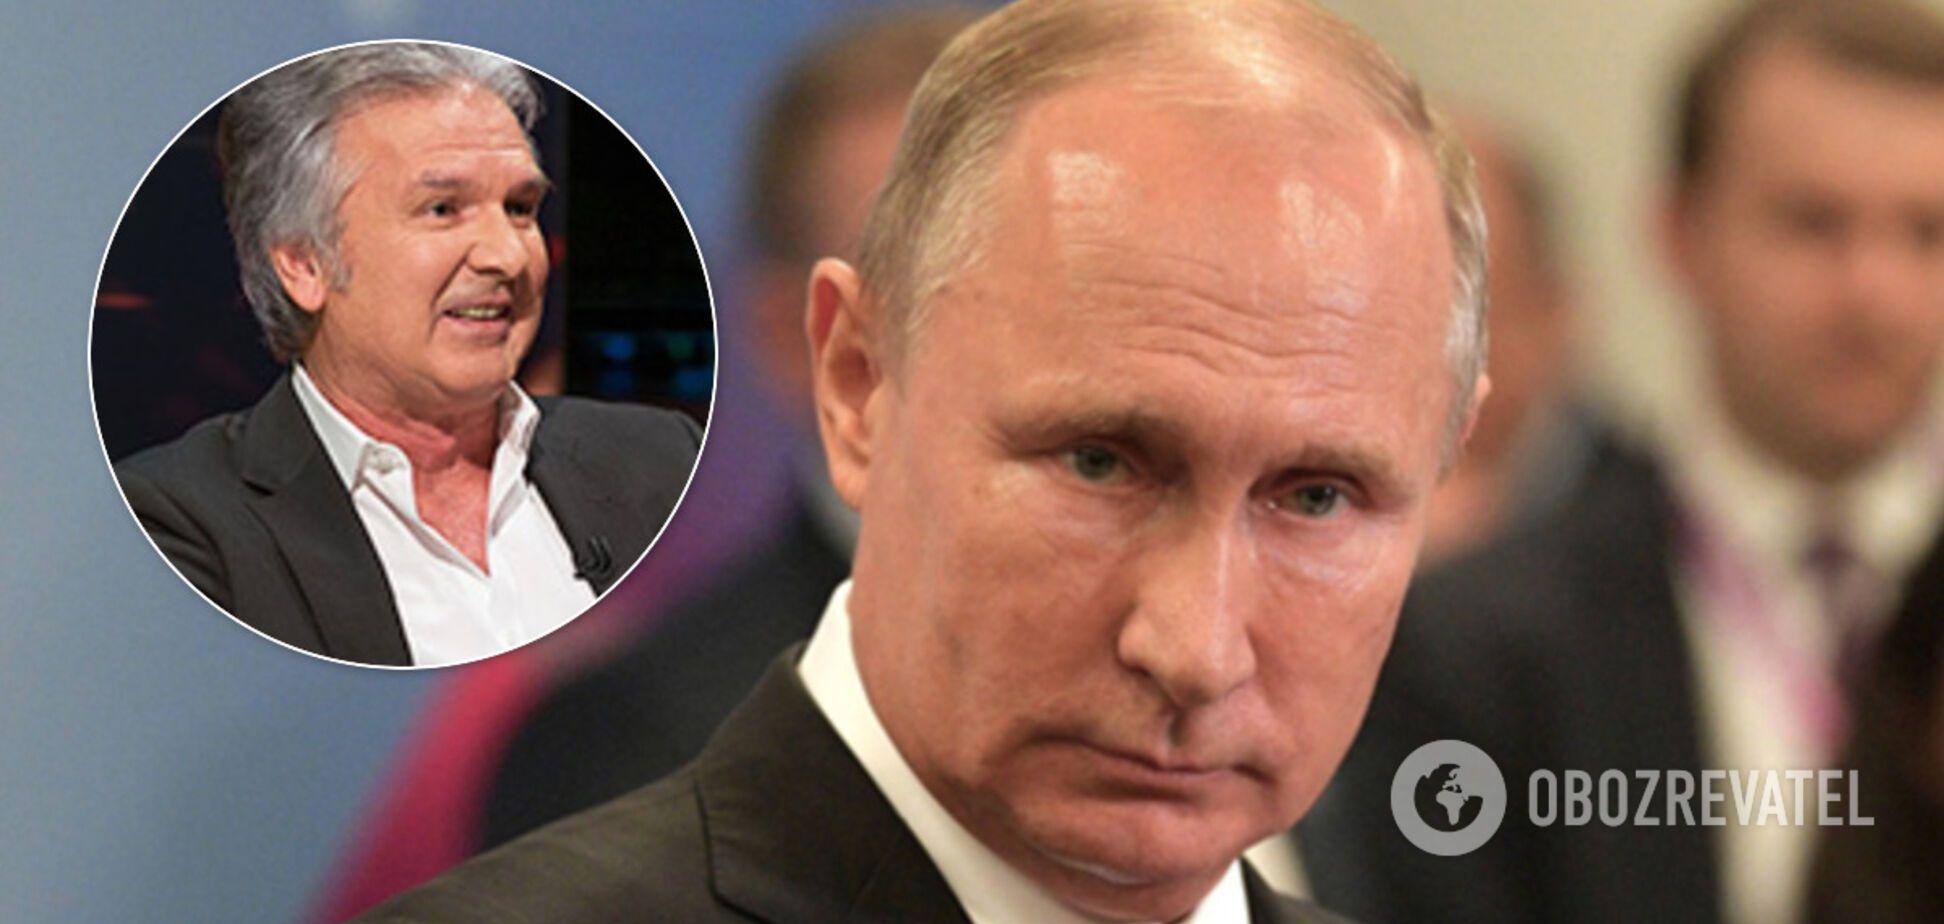 Озвучено сценарій виведення президента РФ із влади: йому загрожує розправа